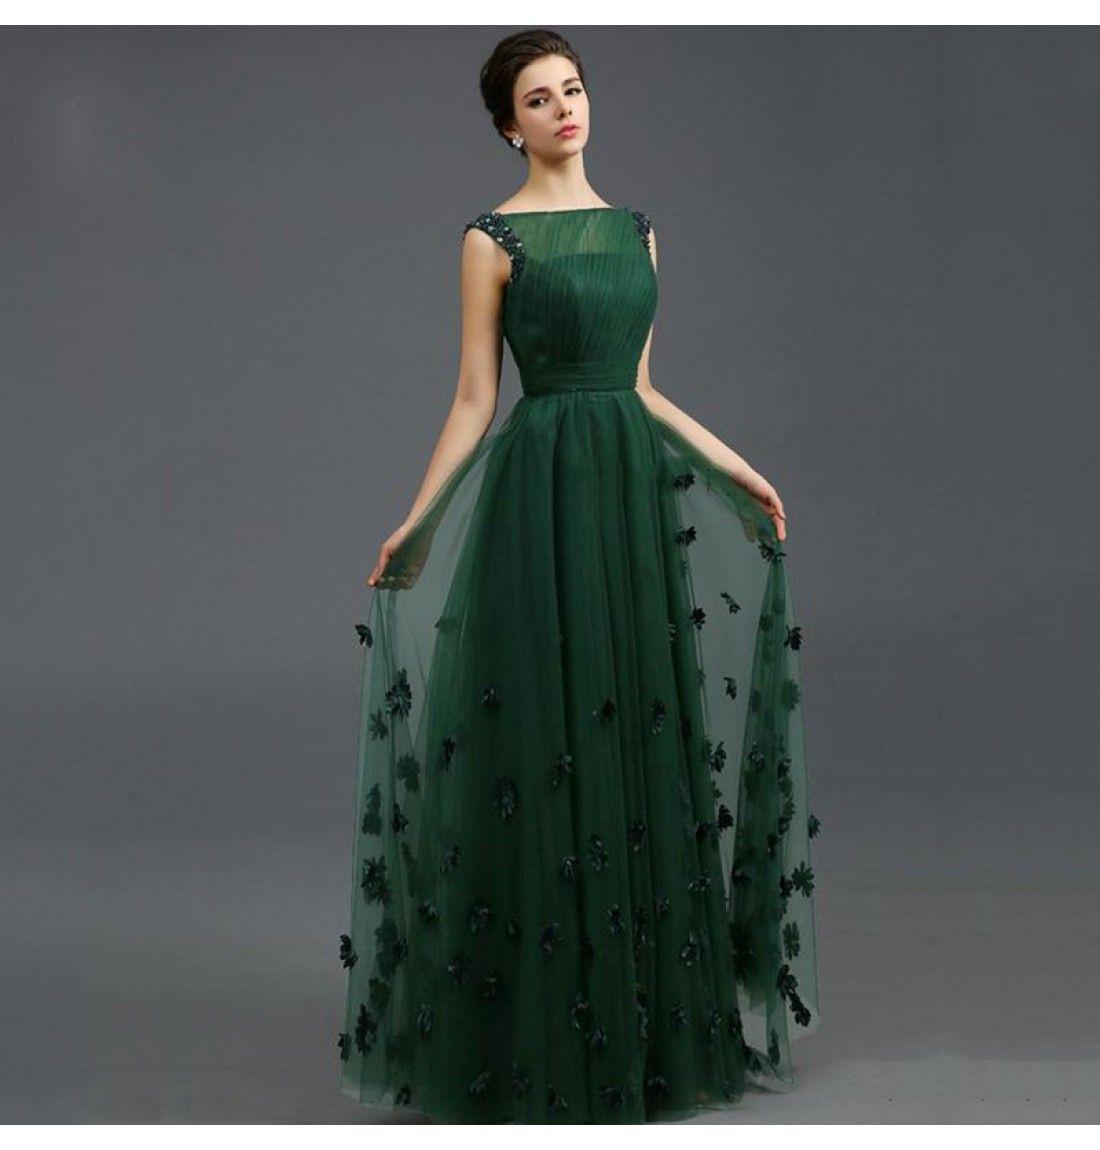 20 Elegant Abendkleid Kürzen Wie Lang Galerie Einfach Abendkleid Kürzen Wie Lang Spezialgebiet